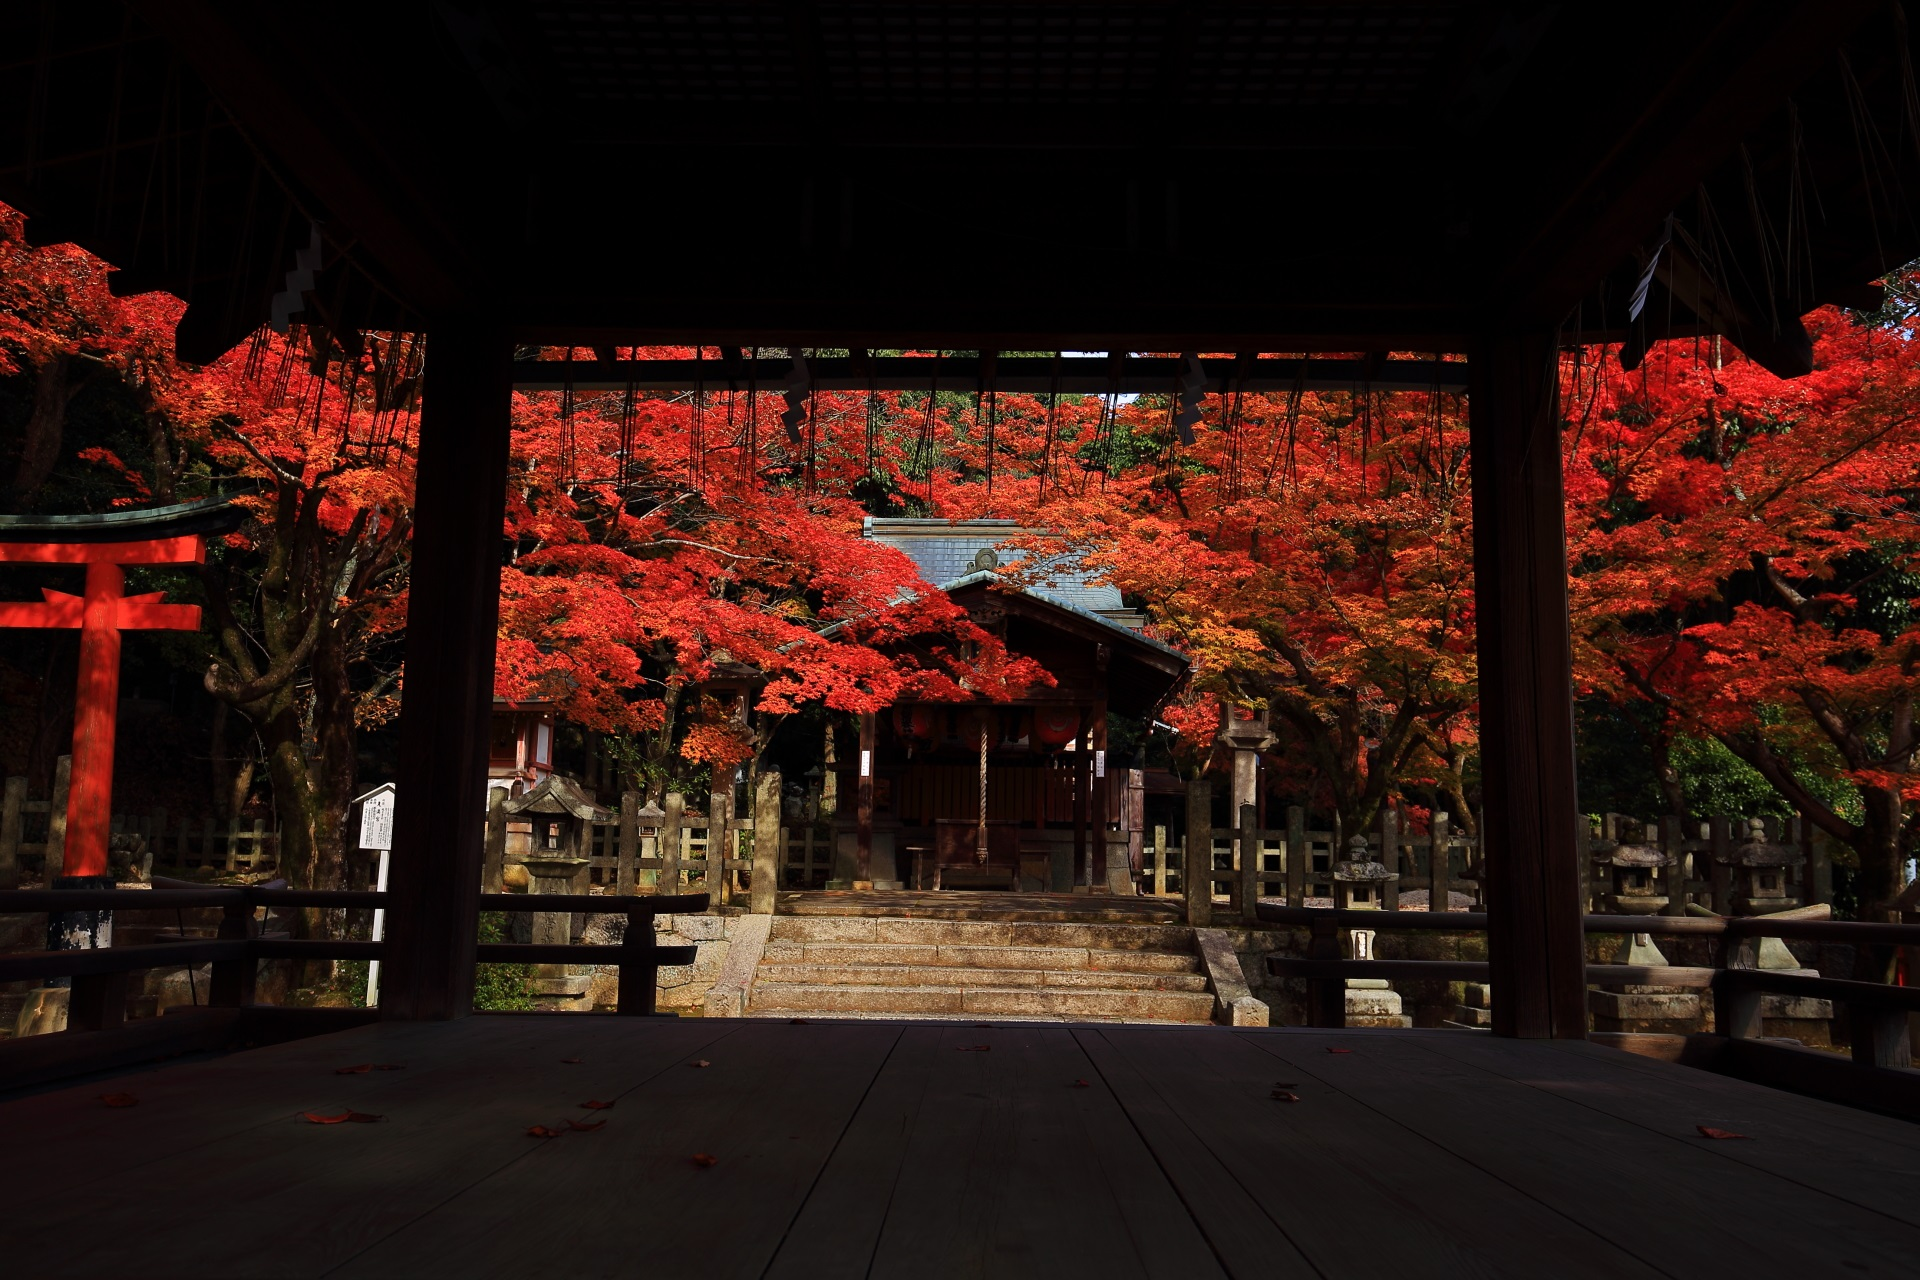 拝殿から眺めた本殿と浮かび上がるような紅葉